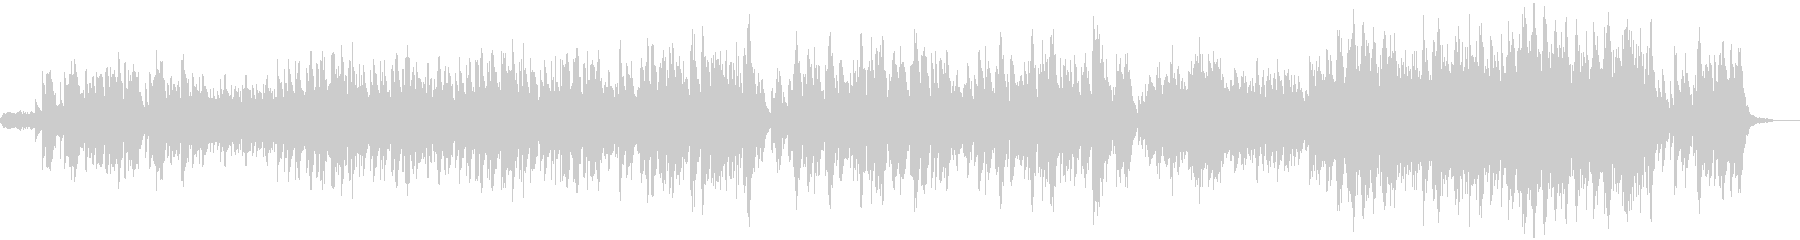 幻想的なハープの未再生の波形